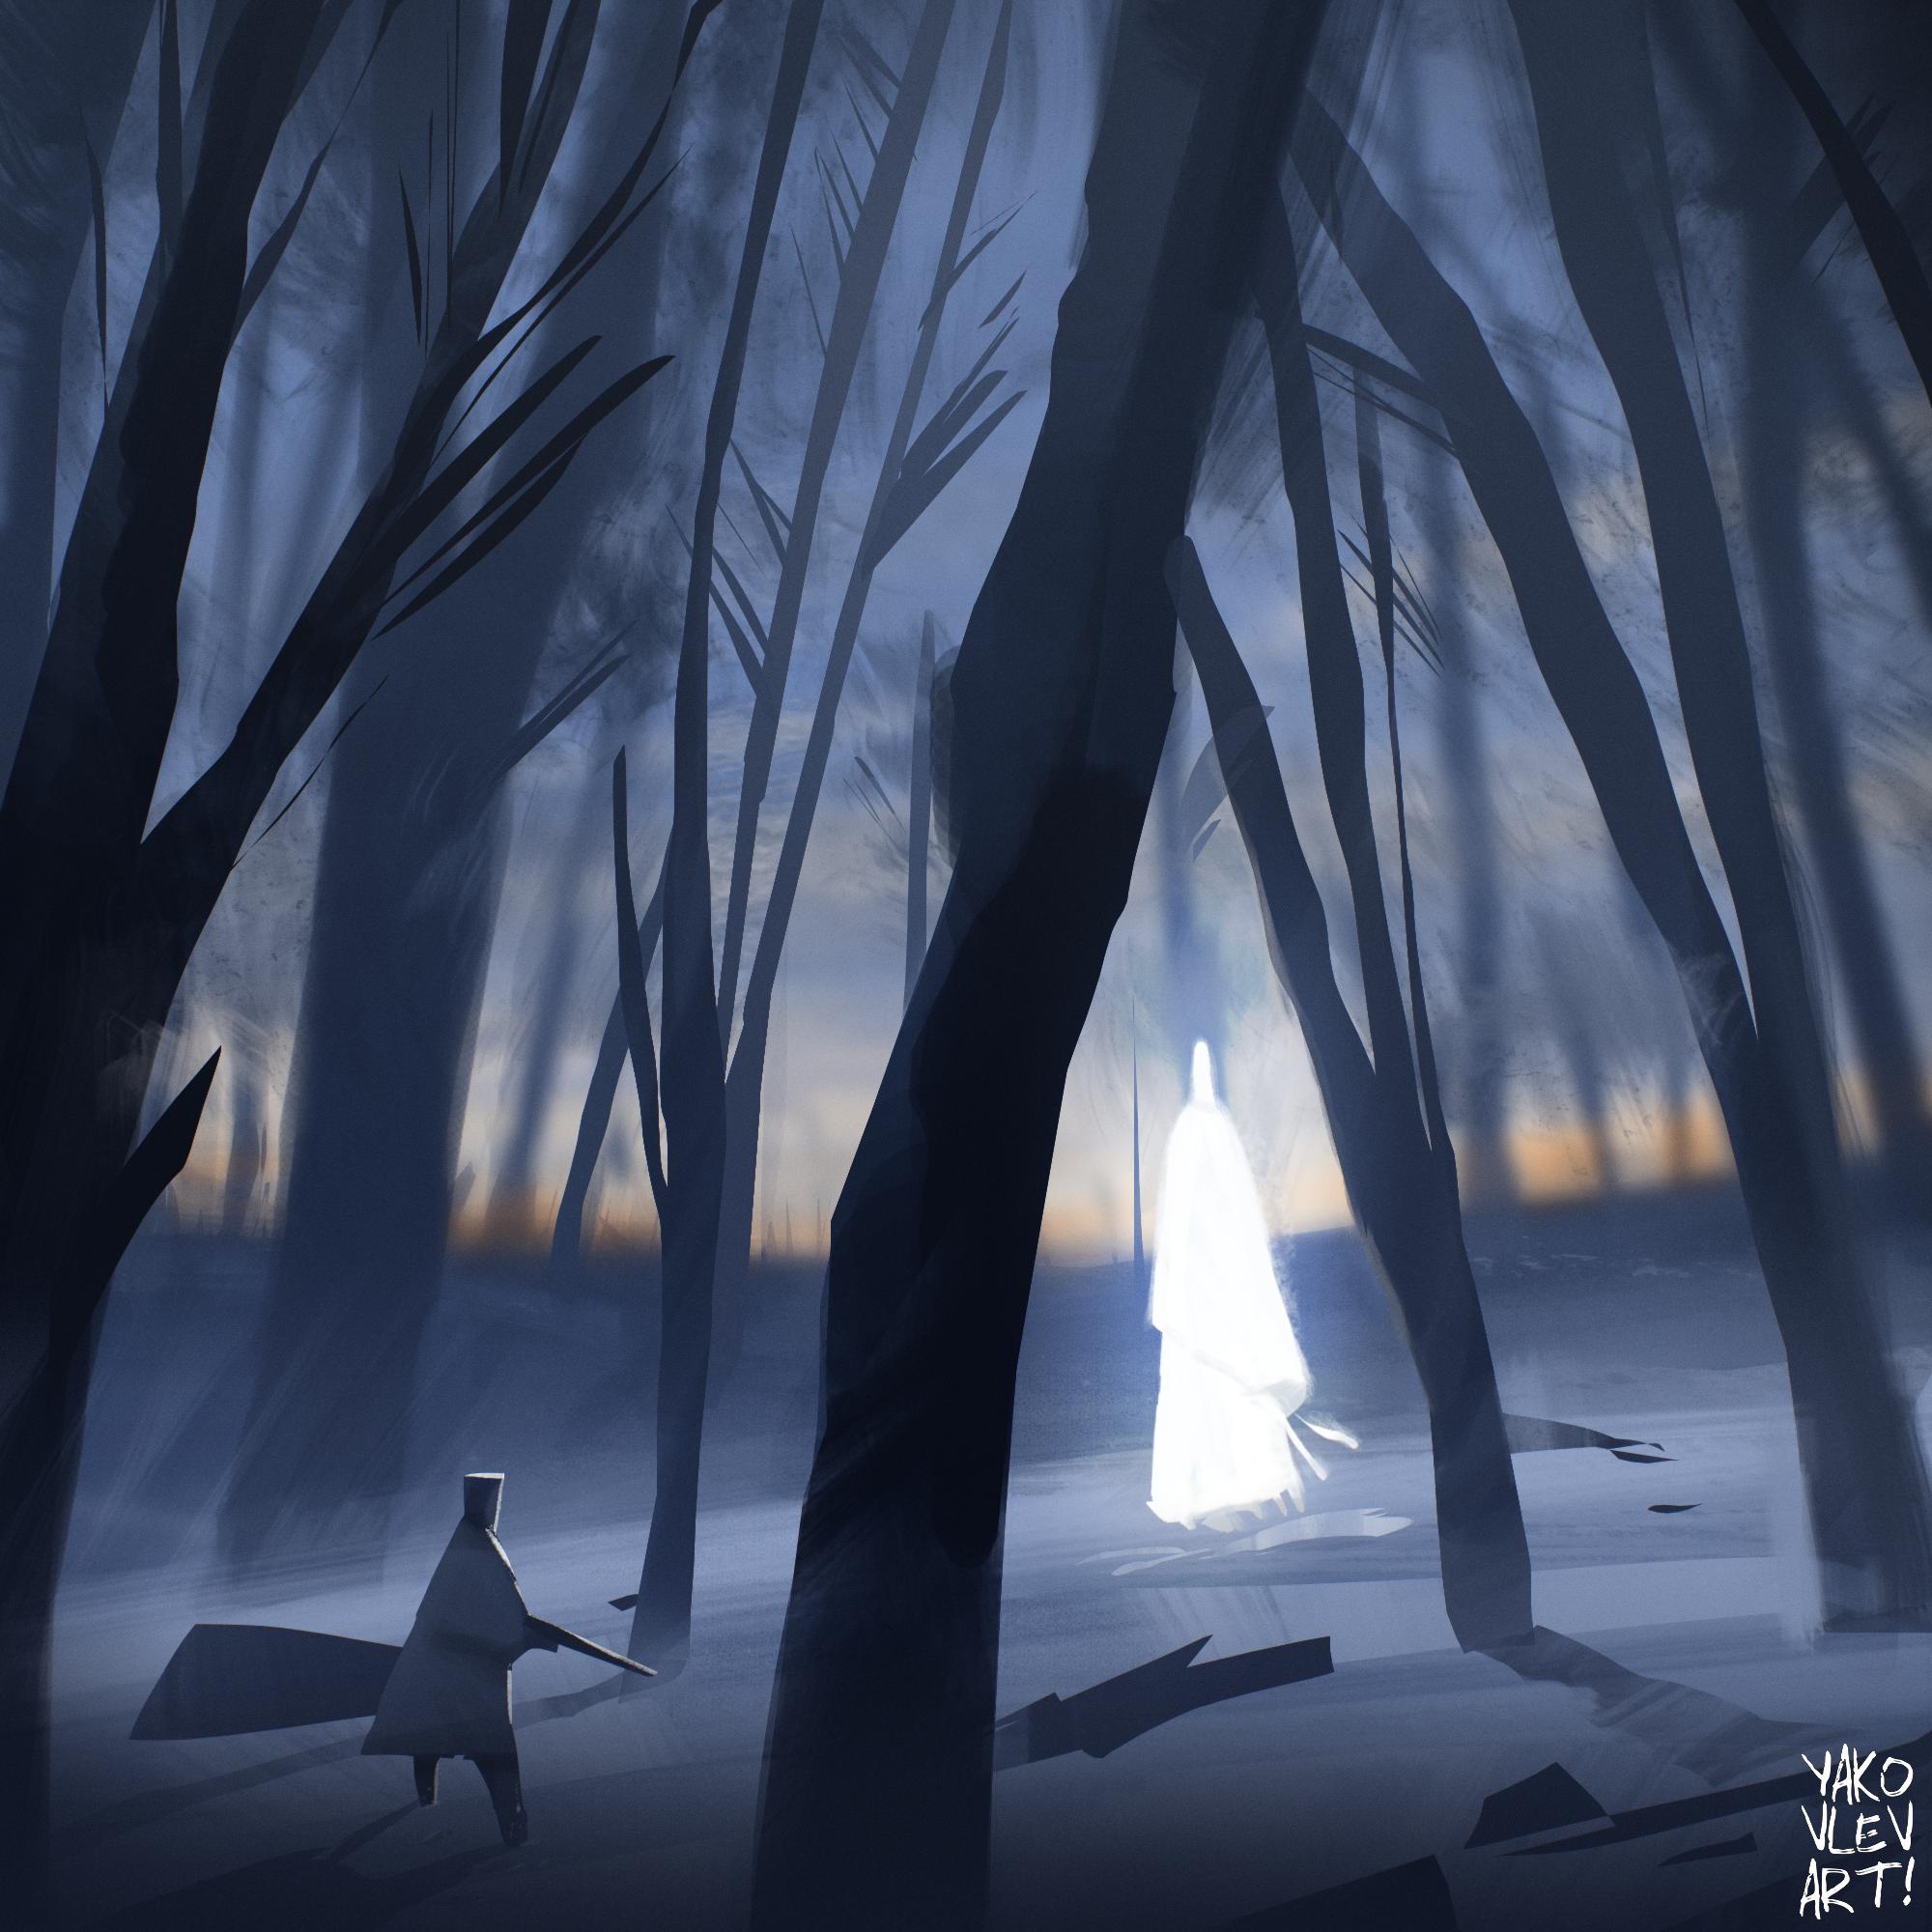 [018] White Night